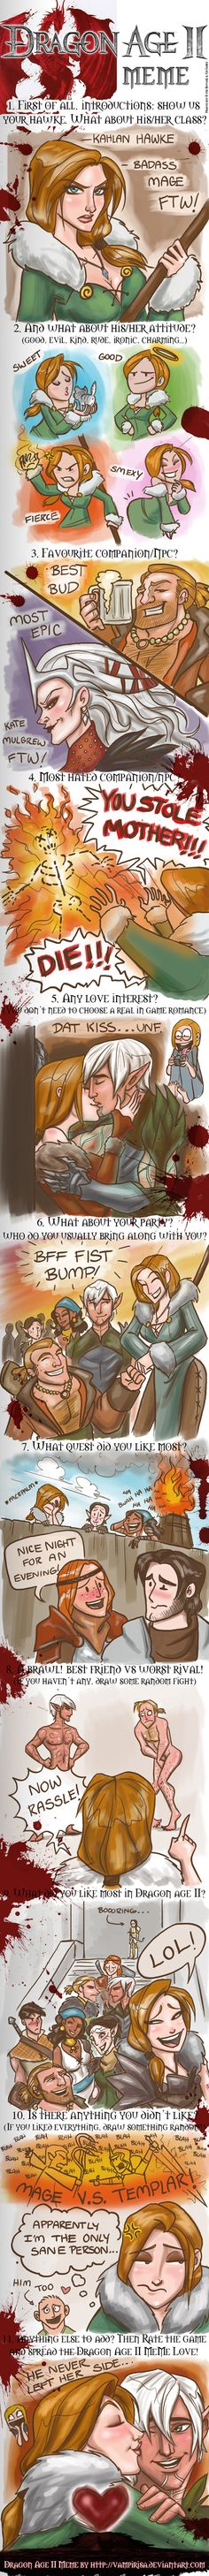 Dragon Age II Meme by WendyDoodles.deviantart.com on @DeviantArt